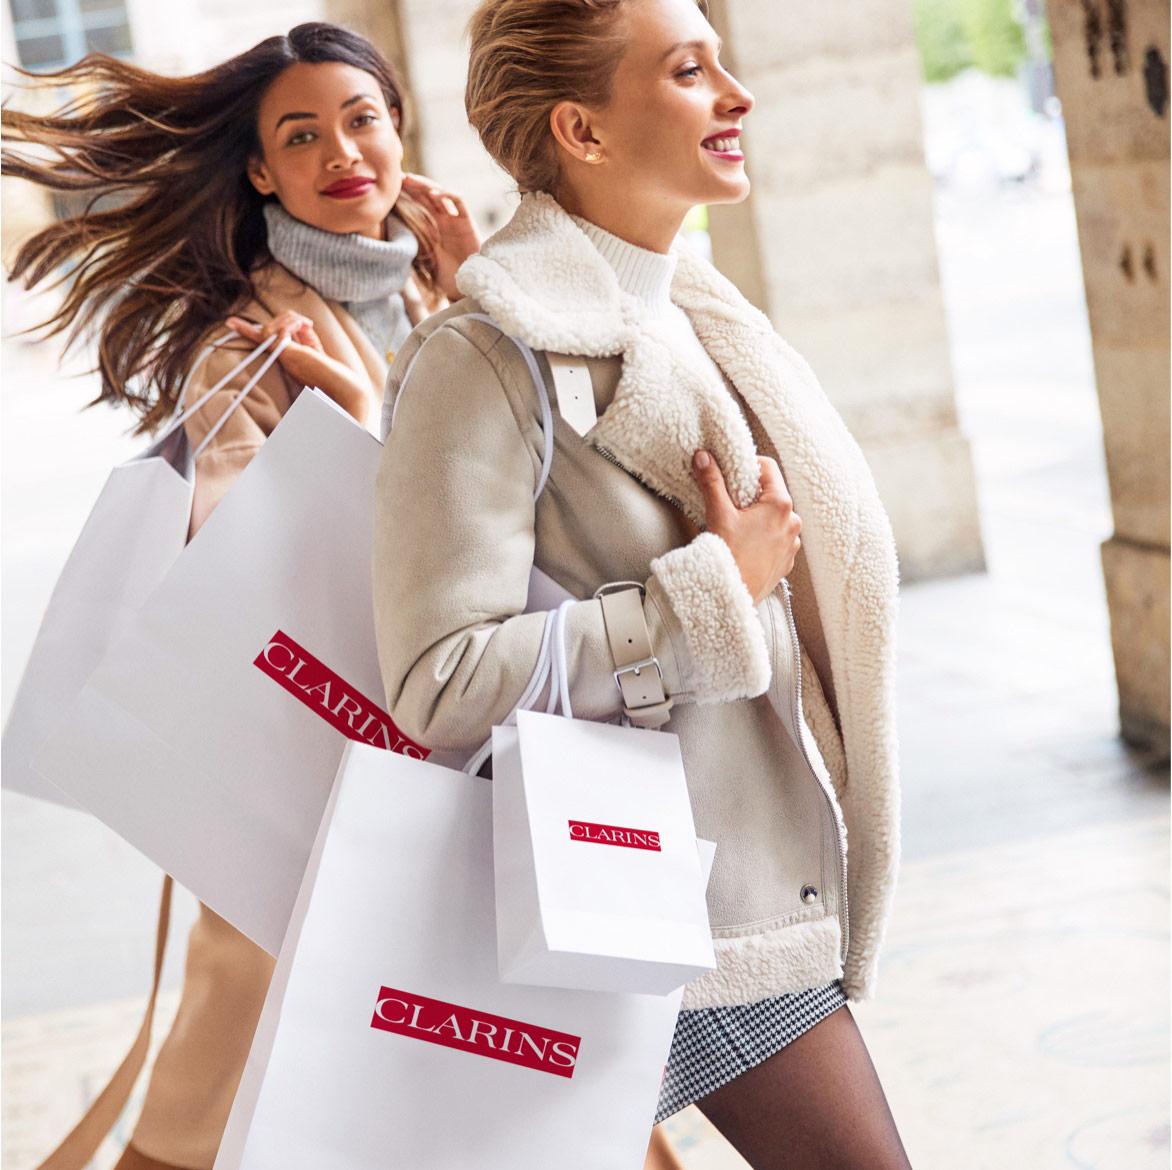 Clarins.com e-gavekort